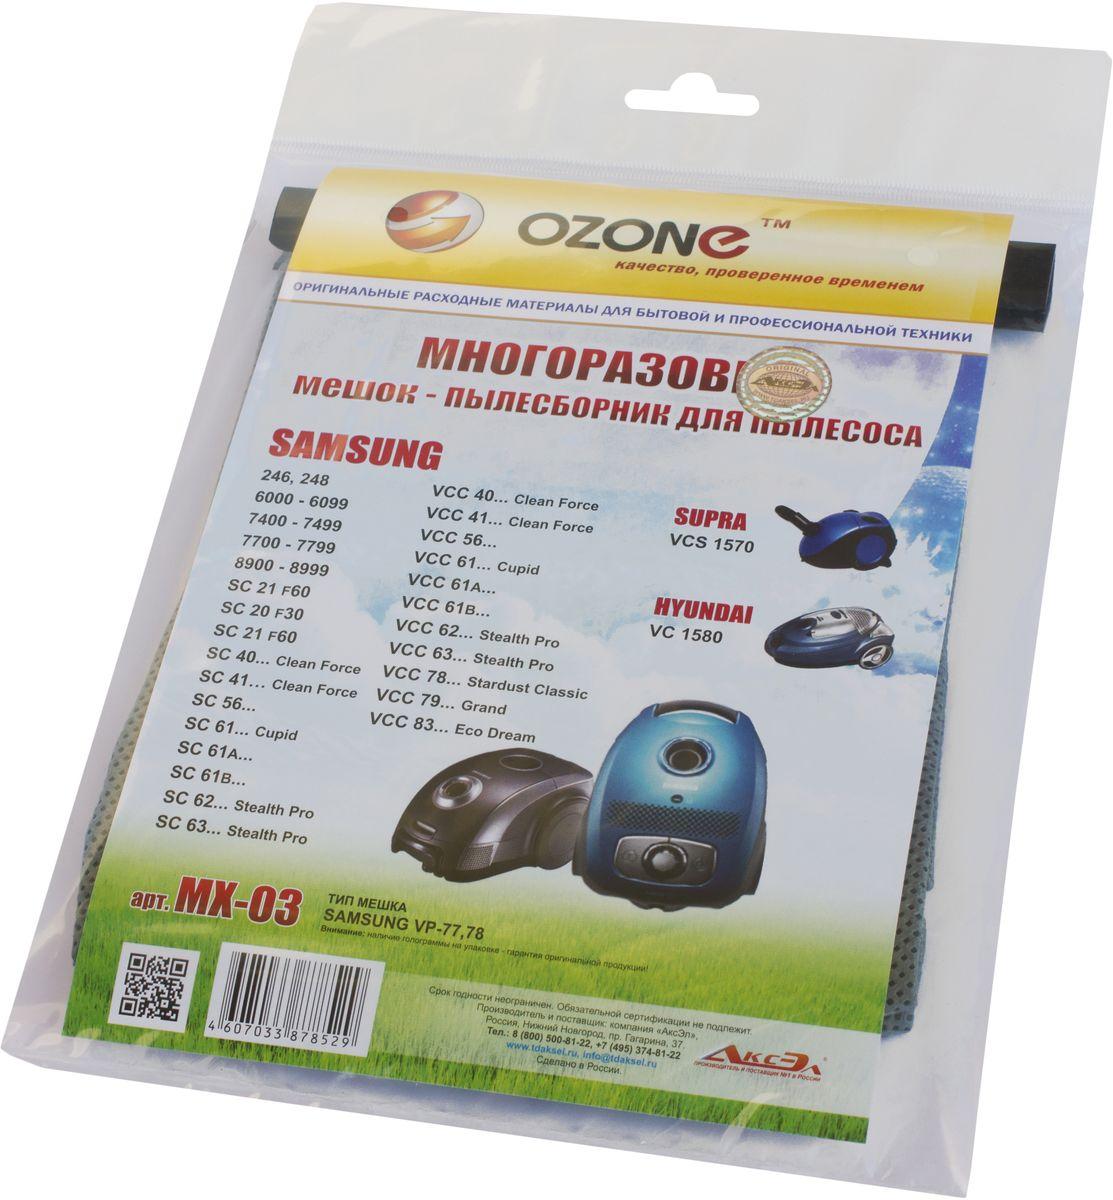 Ozone MX-03 пылесборник для пылесосов SamsungMX-03Многоразовый синтетический пылесборник Ozone microne multiplex MX-03 предназначен для бытового использования. Пылесборник Ozone соответствуют высоким стандартам качества. Благодаря использованию специального четырехслойного синтетического материала, пылесборник Ozone microne multiplex MX-03 обладает высочайшей степенью фильтрации и повышенной прочностью. Серия Micron задерживает мельчайшие частицы пыли и пыльцы. Ozone microne multiplex MX-03 выдерживает нагрузку до 30 кг., а так же выполняется 100% заполняемость мешка.